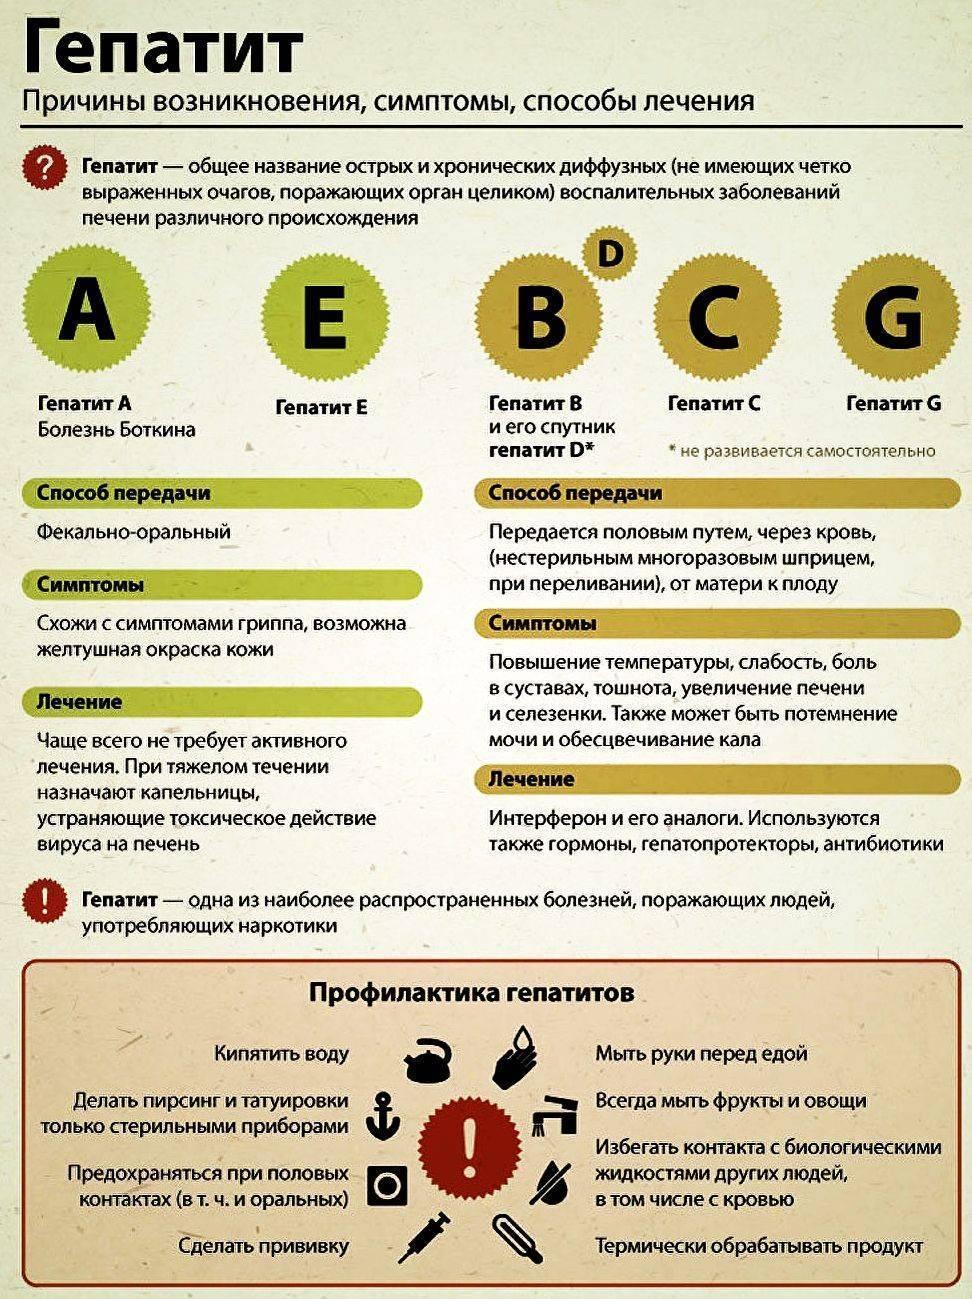 Гепатит а. причины, симптомы, признаки, диагностика и лечение патологии :: polismed.com